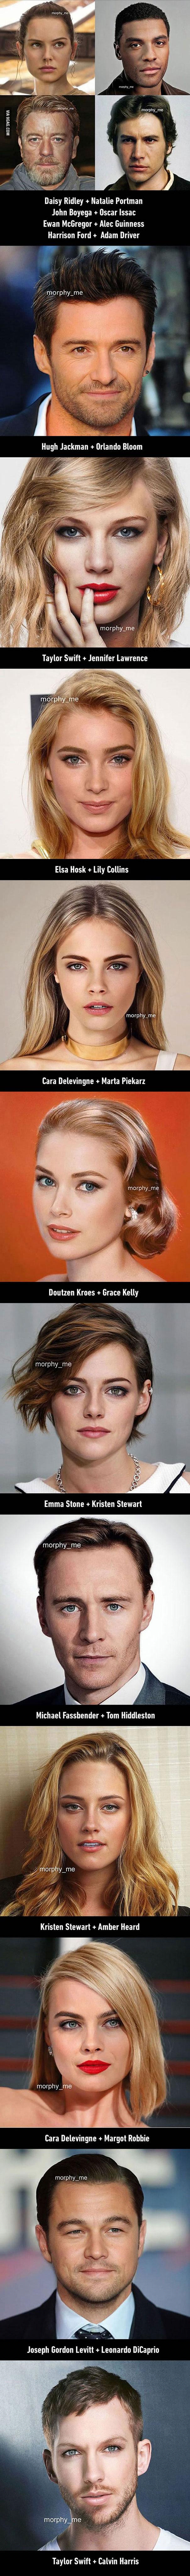 Σπεσιαλίστας του Photoshop συνδυάζει τα πρόσωπα διασήμων και το αποτέλεσμα είναι γοητευτικό (3)